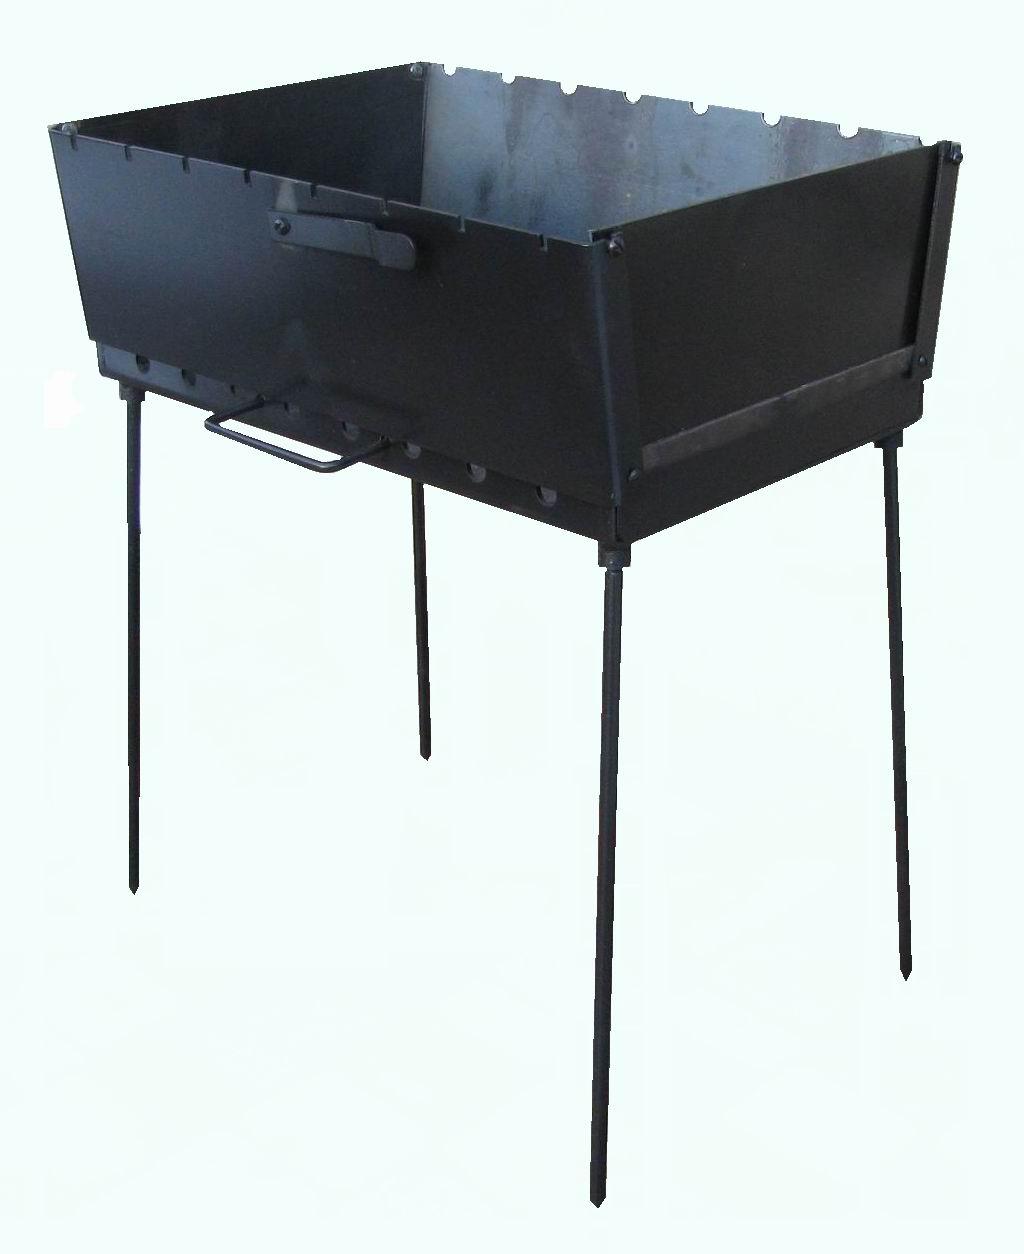 Раскладной мангал чемодан своими руками из металла чертежи